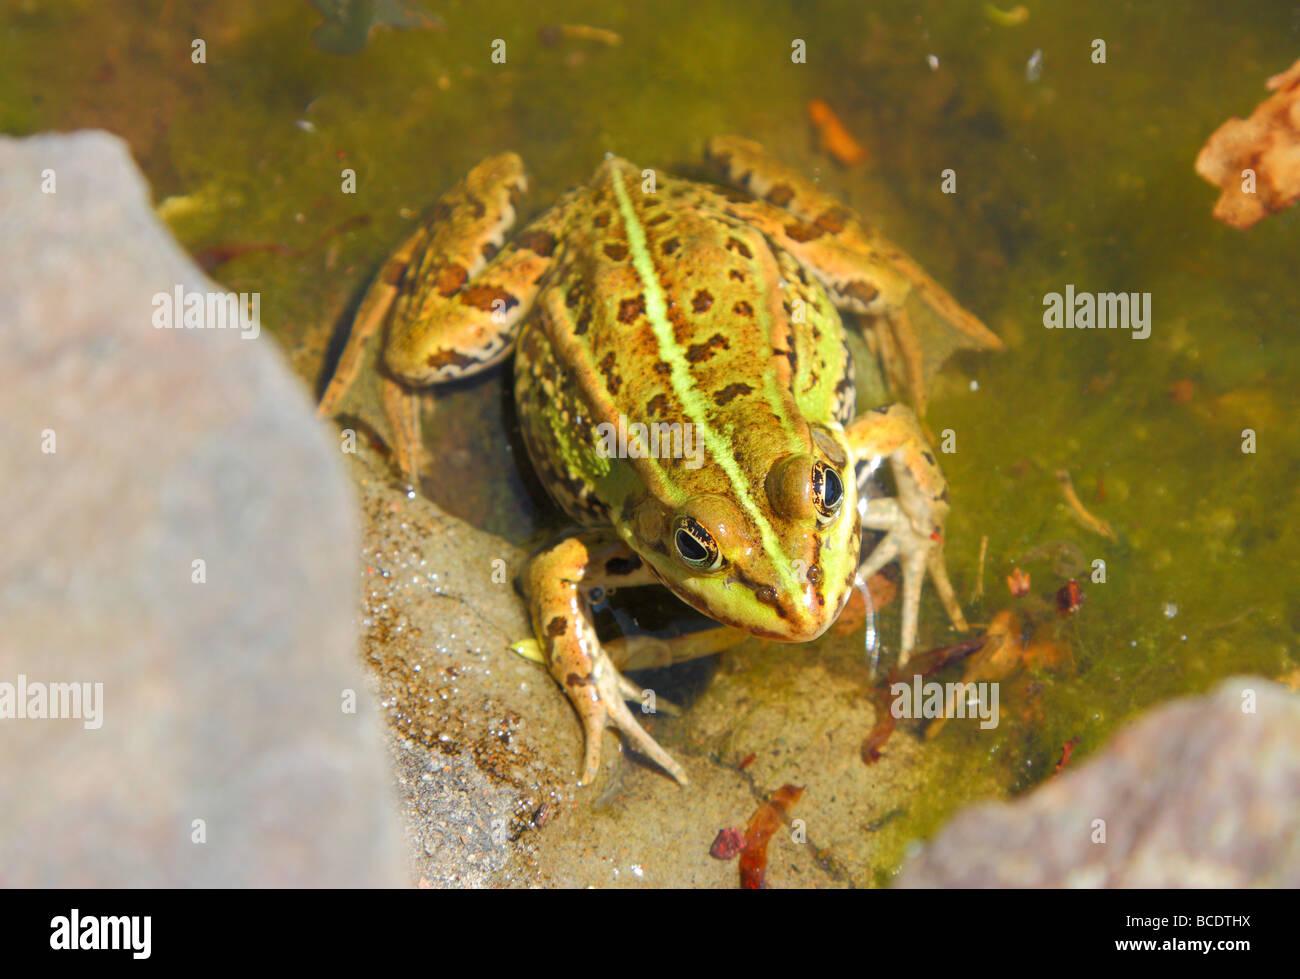 Green edible frog Rana esculenta - Stock Image